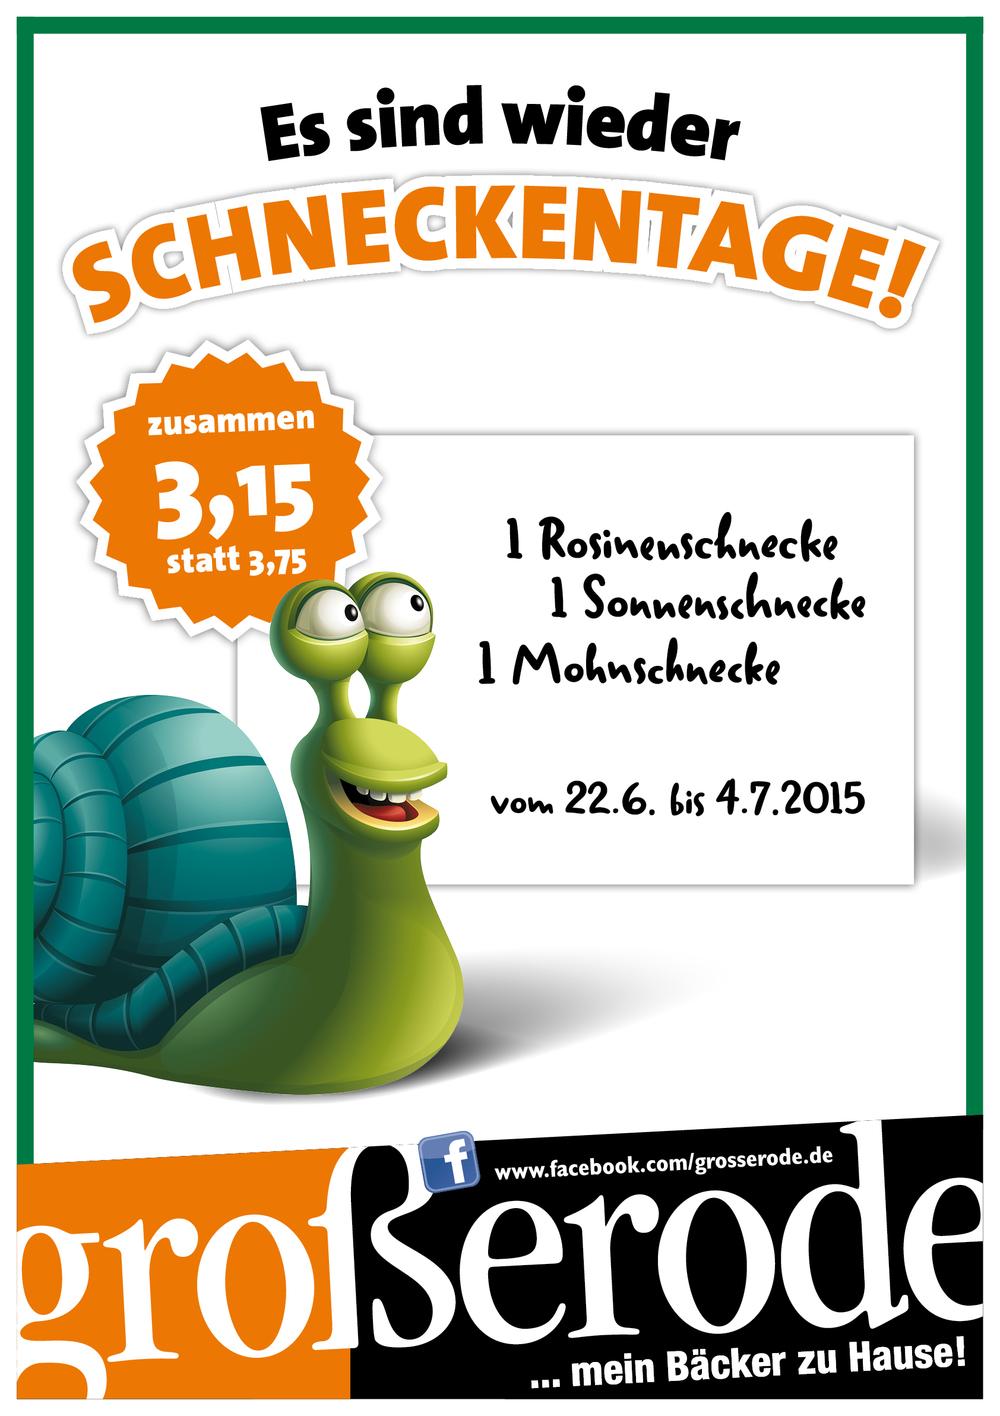 20150615_Grosserode_Schneckentage_Web_Teil1.jpg